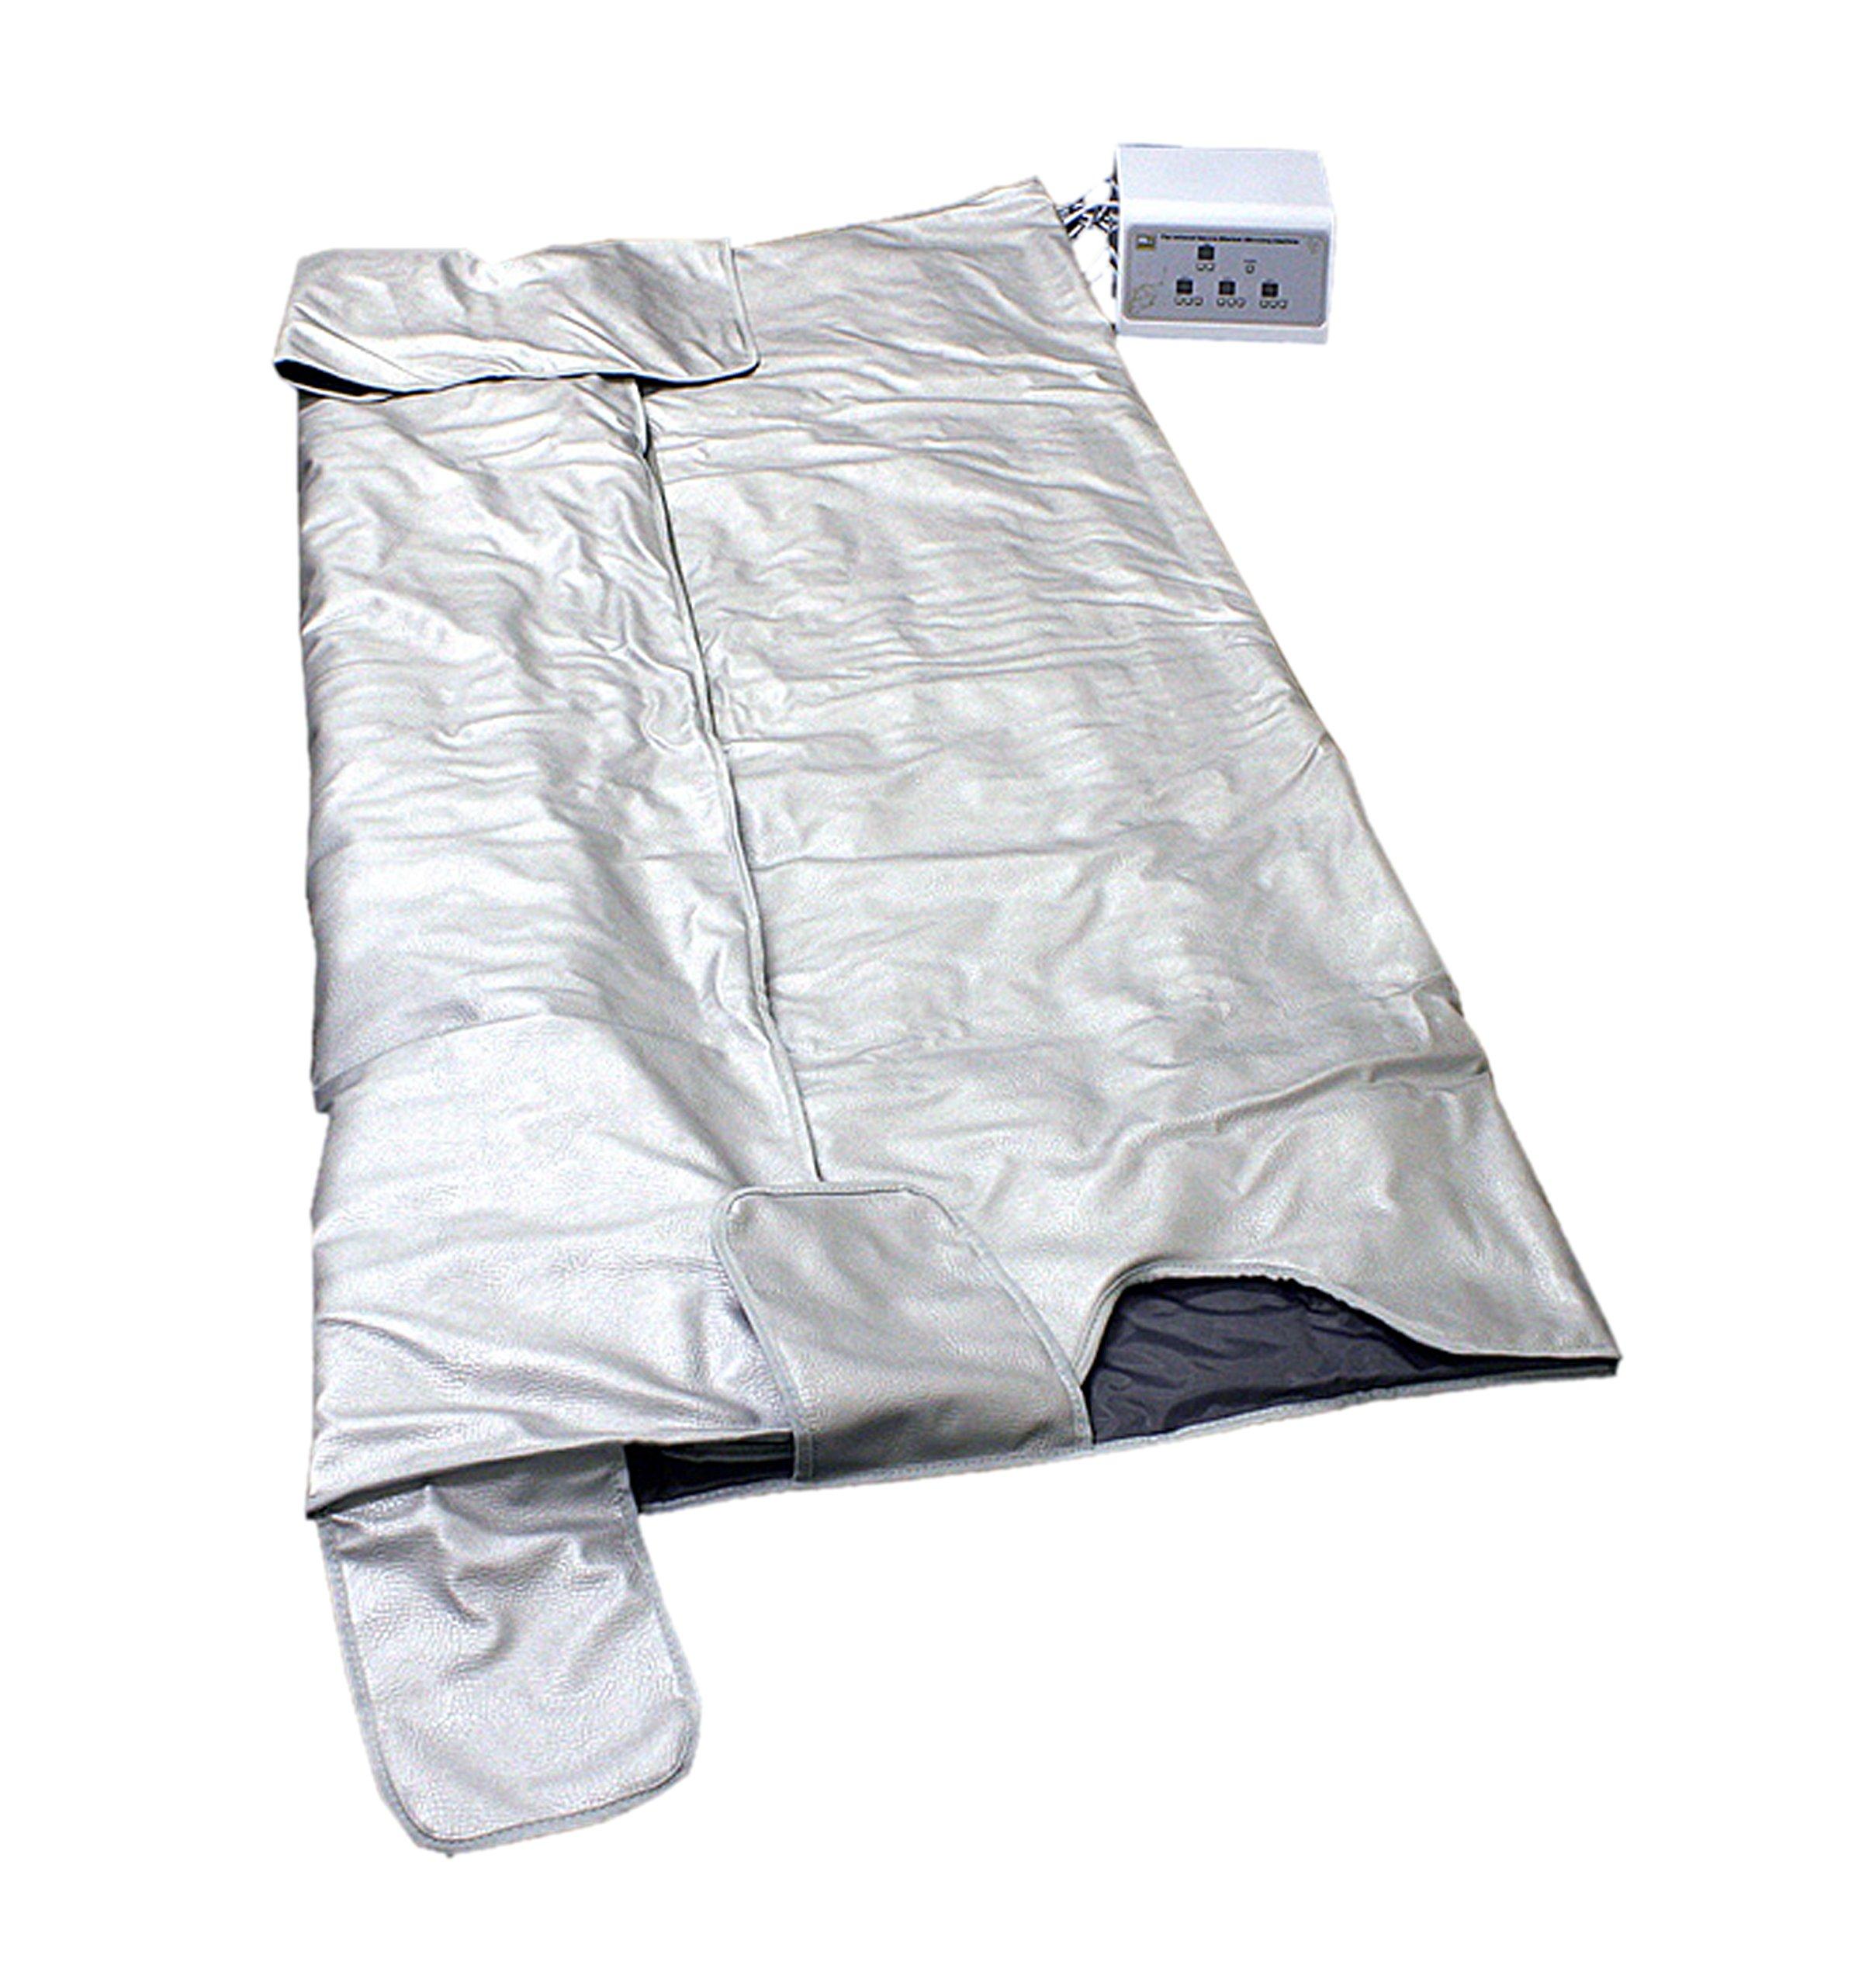 Gizmo Supply 3 Zone Fir Far Infrared Sauna Blanket